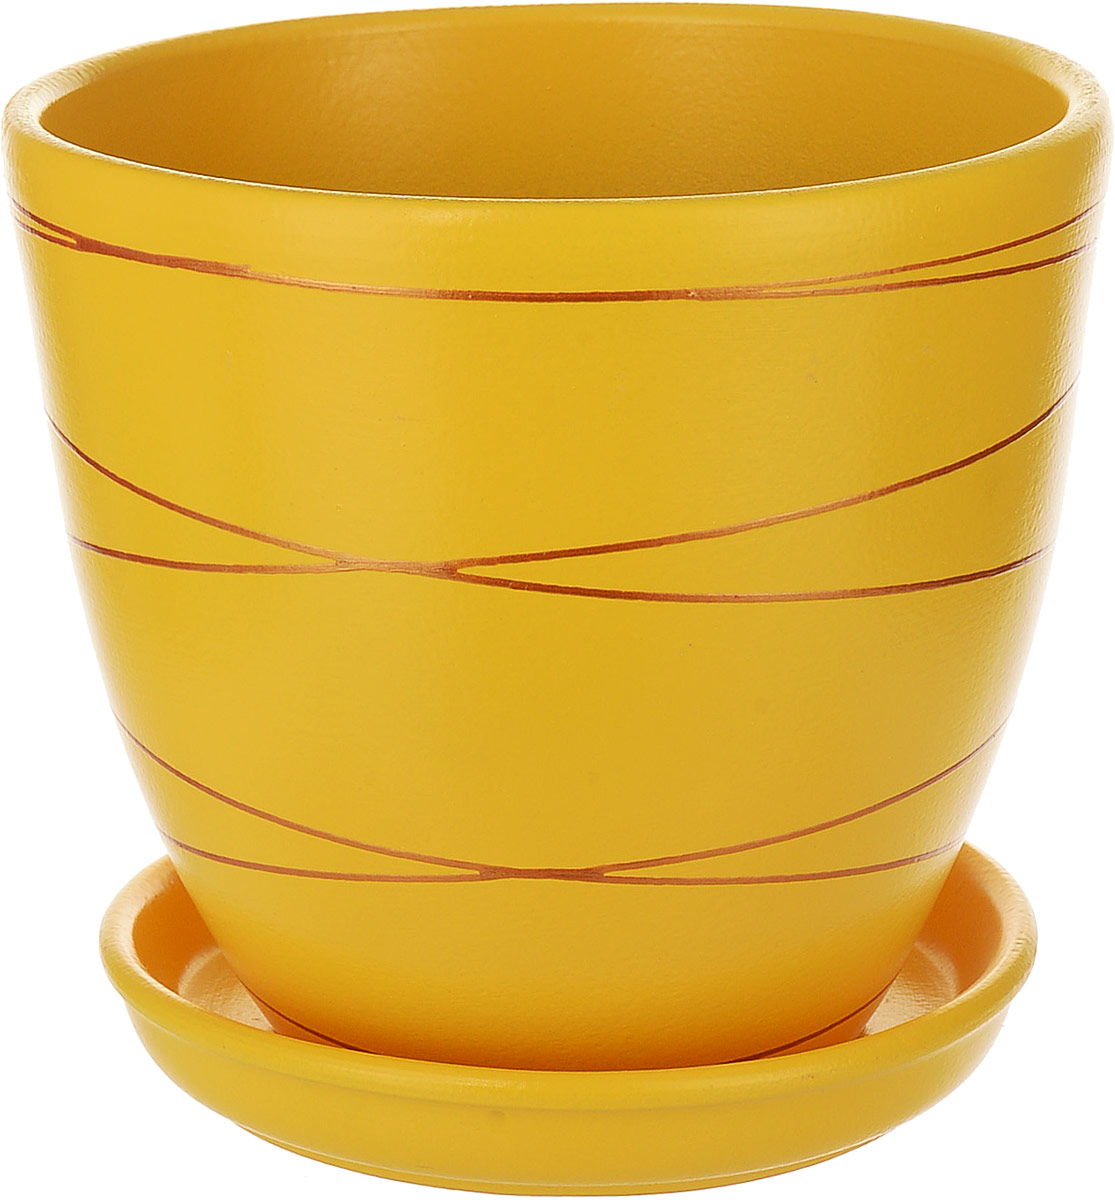 Горшок цветочный Engard, с поддоном, цвет: желтый, 2,4 л. BH-25-2BH-25-2Керамический горшок Engard - это идеальное решение для выращивания комнатных растений и создания изысканности в интерьере. Керамический горшок сделан из высококачественной глины в классической форме и оригинальном дизайне.Объем: 2,4 л.